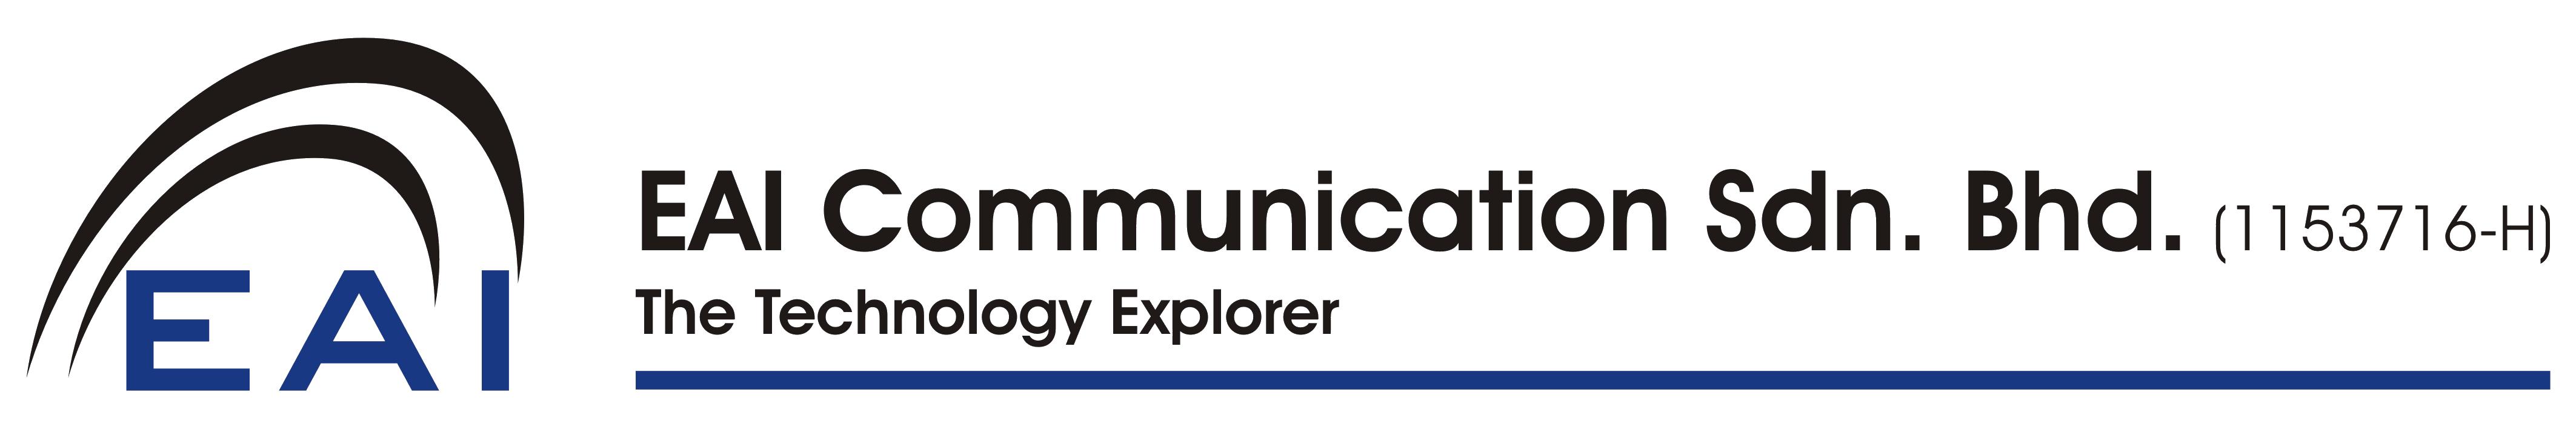 EAI Communication Sdn Bhd